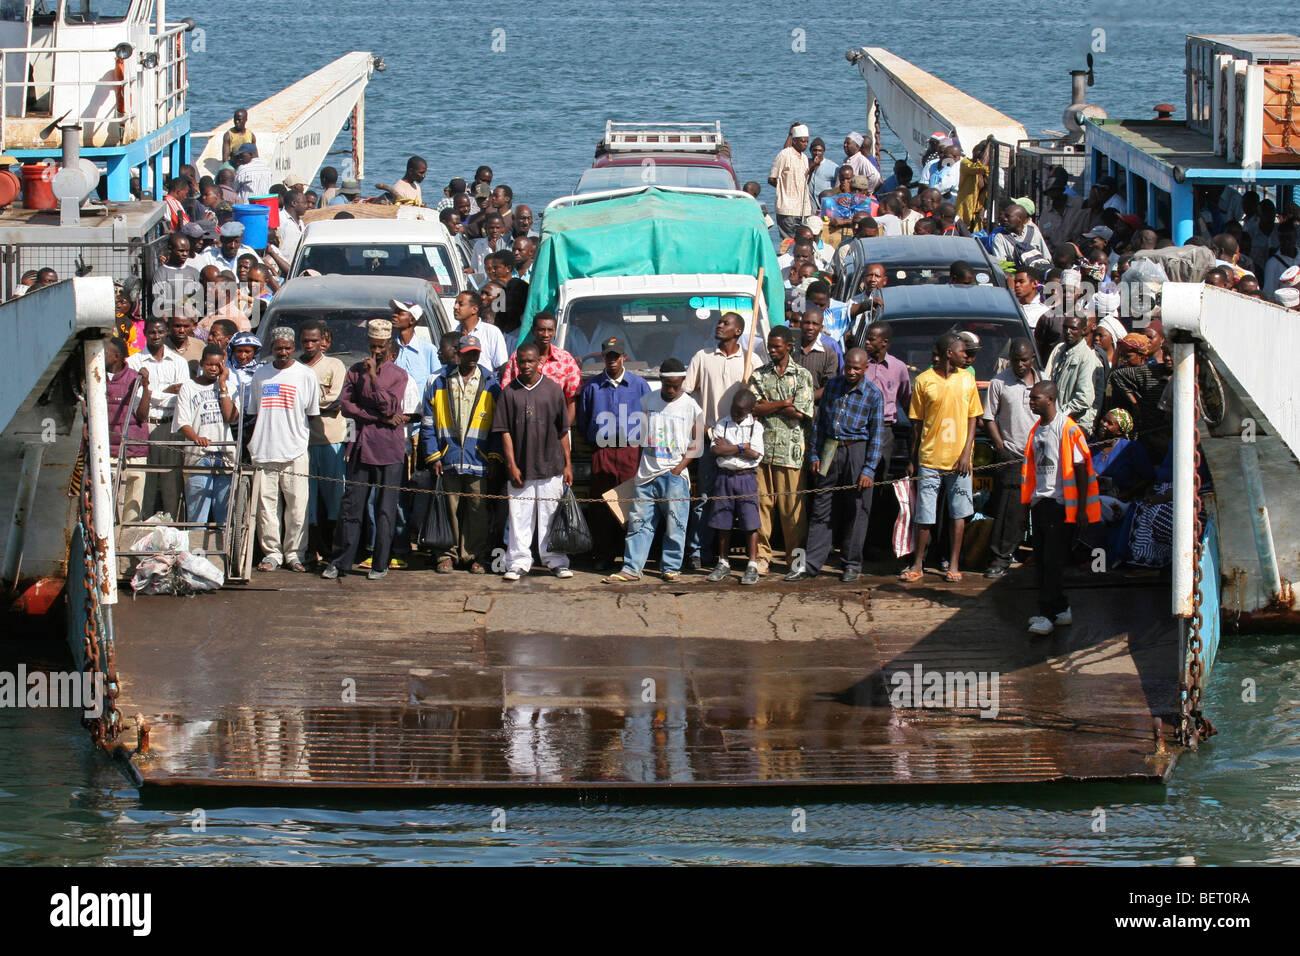 Des passagers et des véhicules sur les ferry boat à Dar es Salaam, Tanzania, Africa Photo Stock